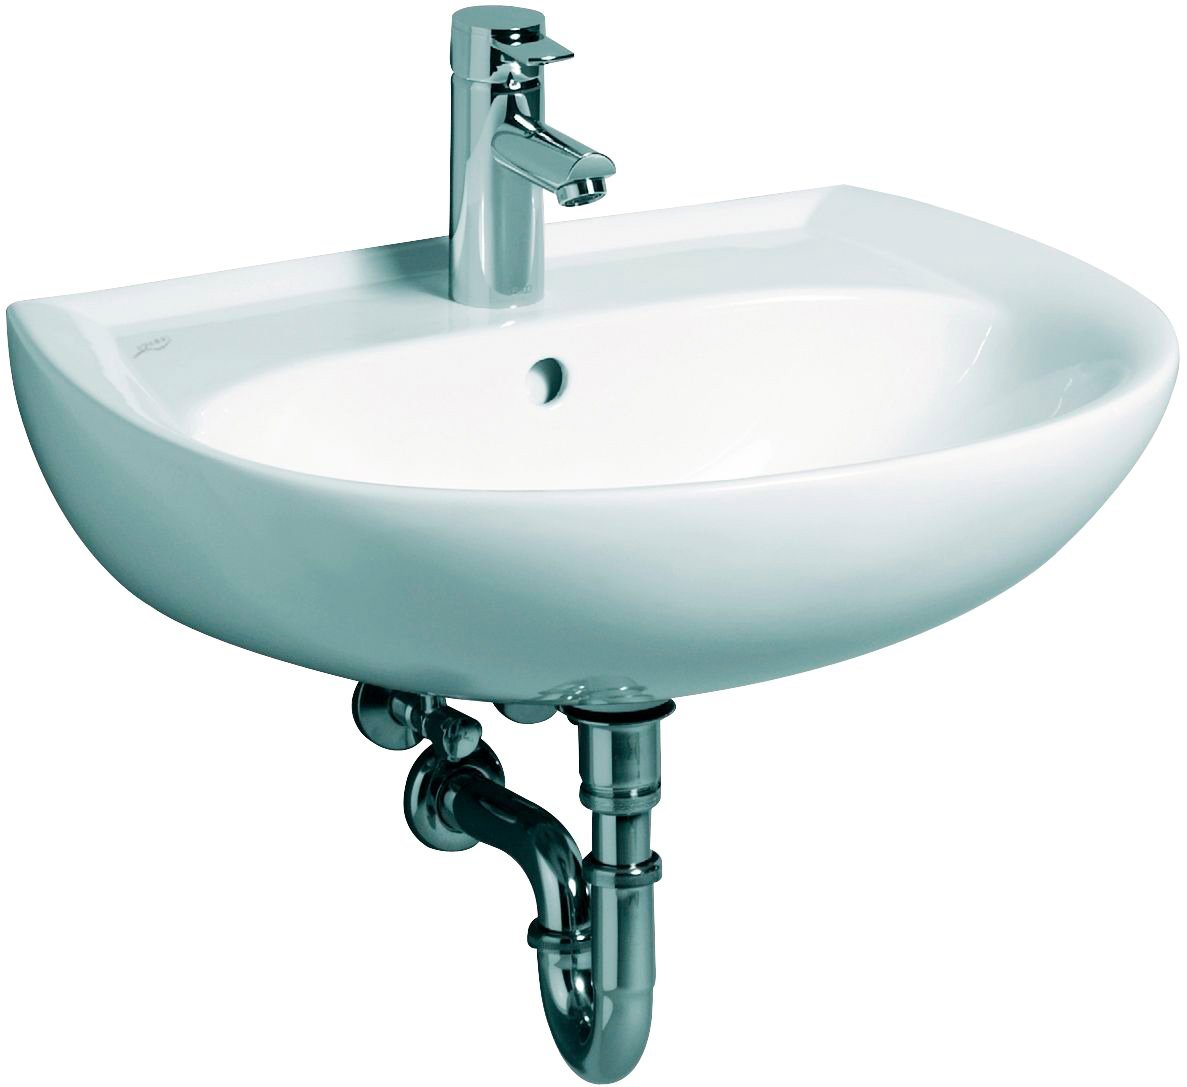 KERAMAG Waschbecken »Renova Nr. 1«, Breite 60 cm, mit Kera-Tect® | Bad > Waschbecken | KERAMAG